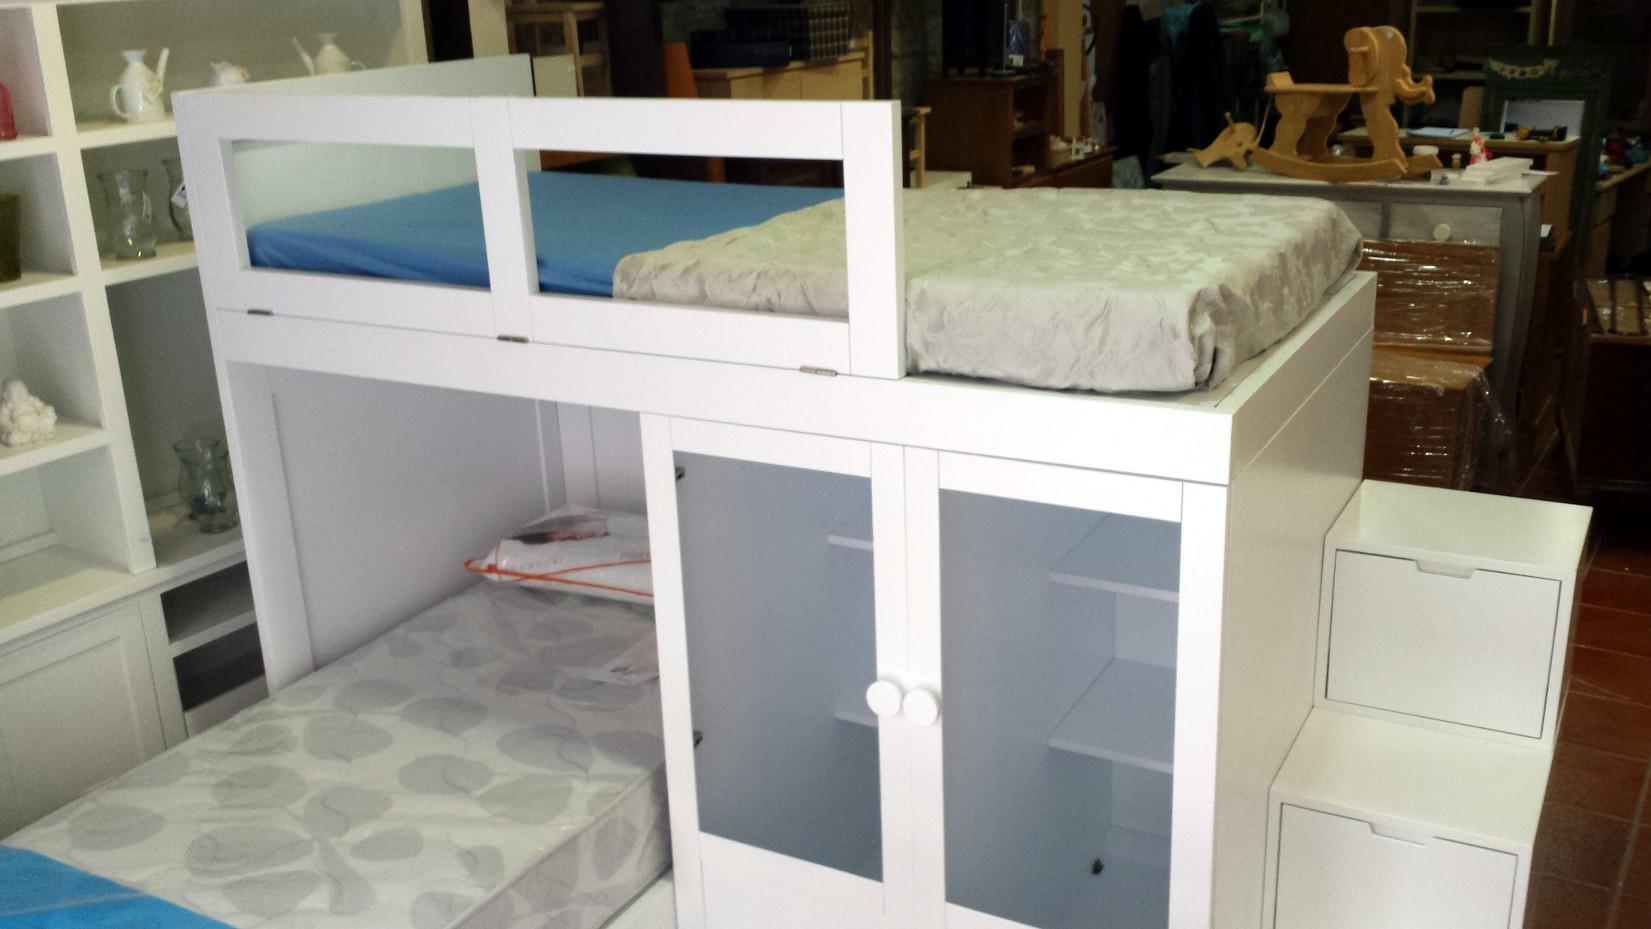 Camas con cama debajo beautiful with camas con cama - Cama armario debajo ...